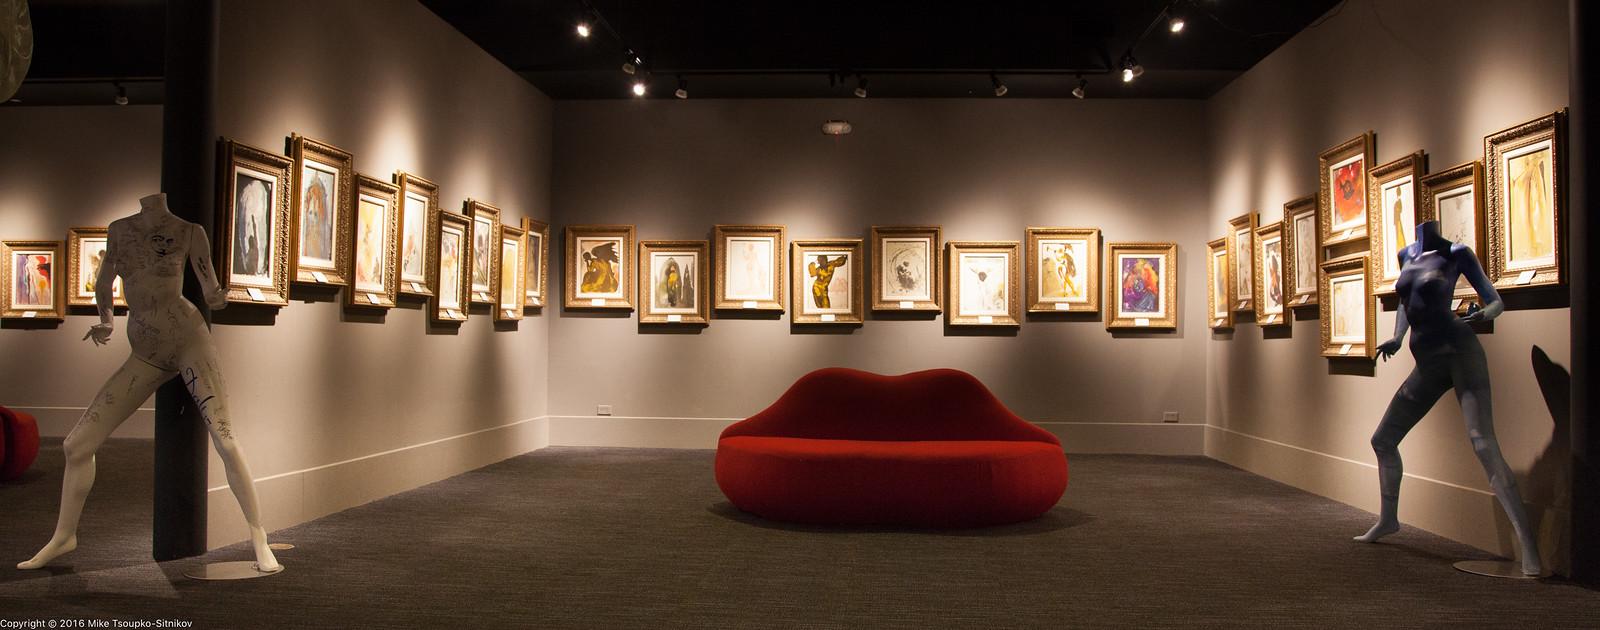 Salvador Dali Gallery in Monterey, CA